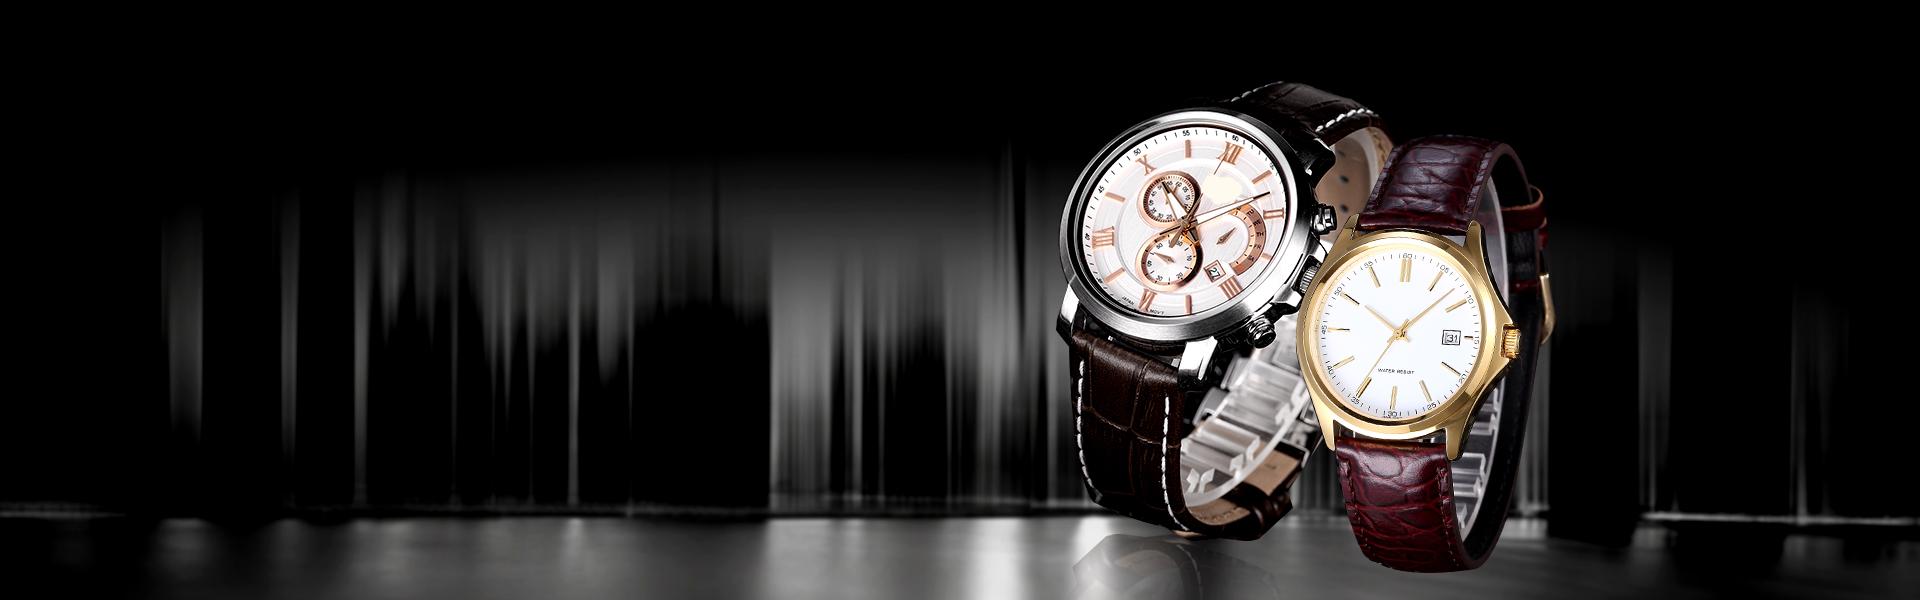 watch big black background  watch  poster  brand